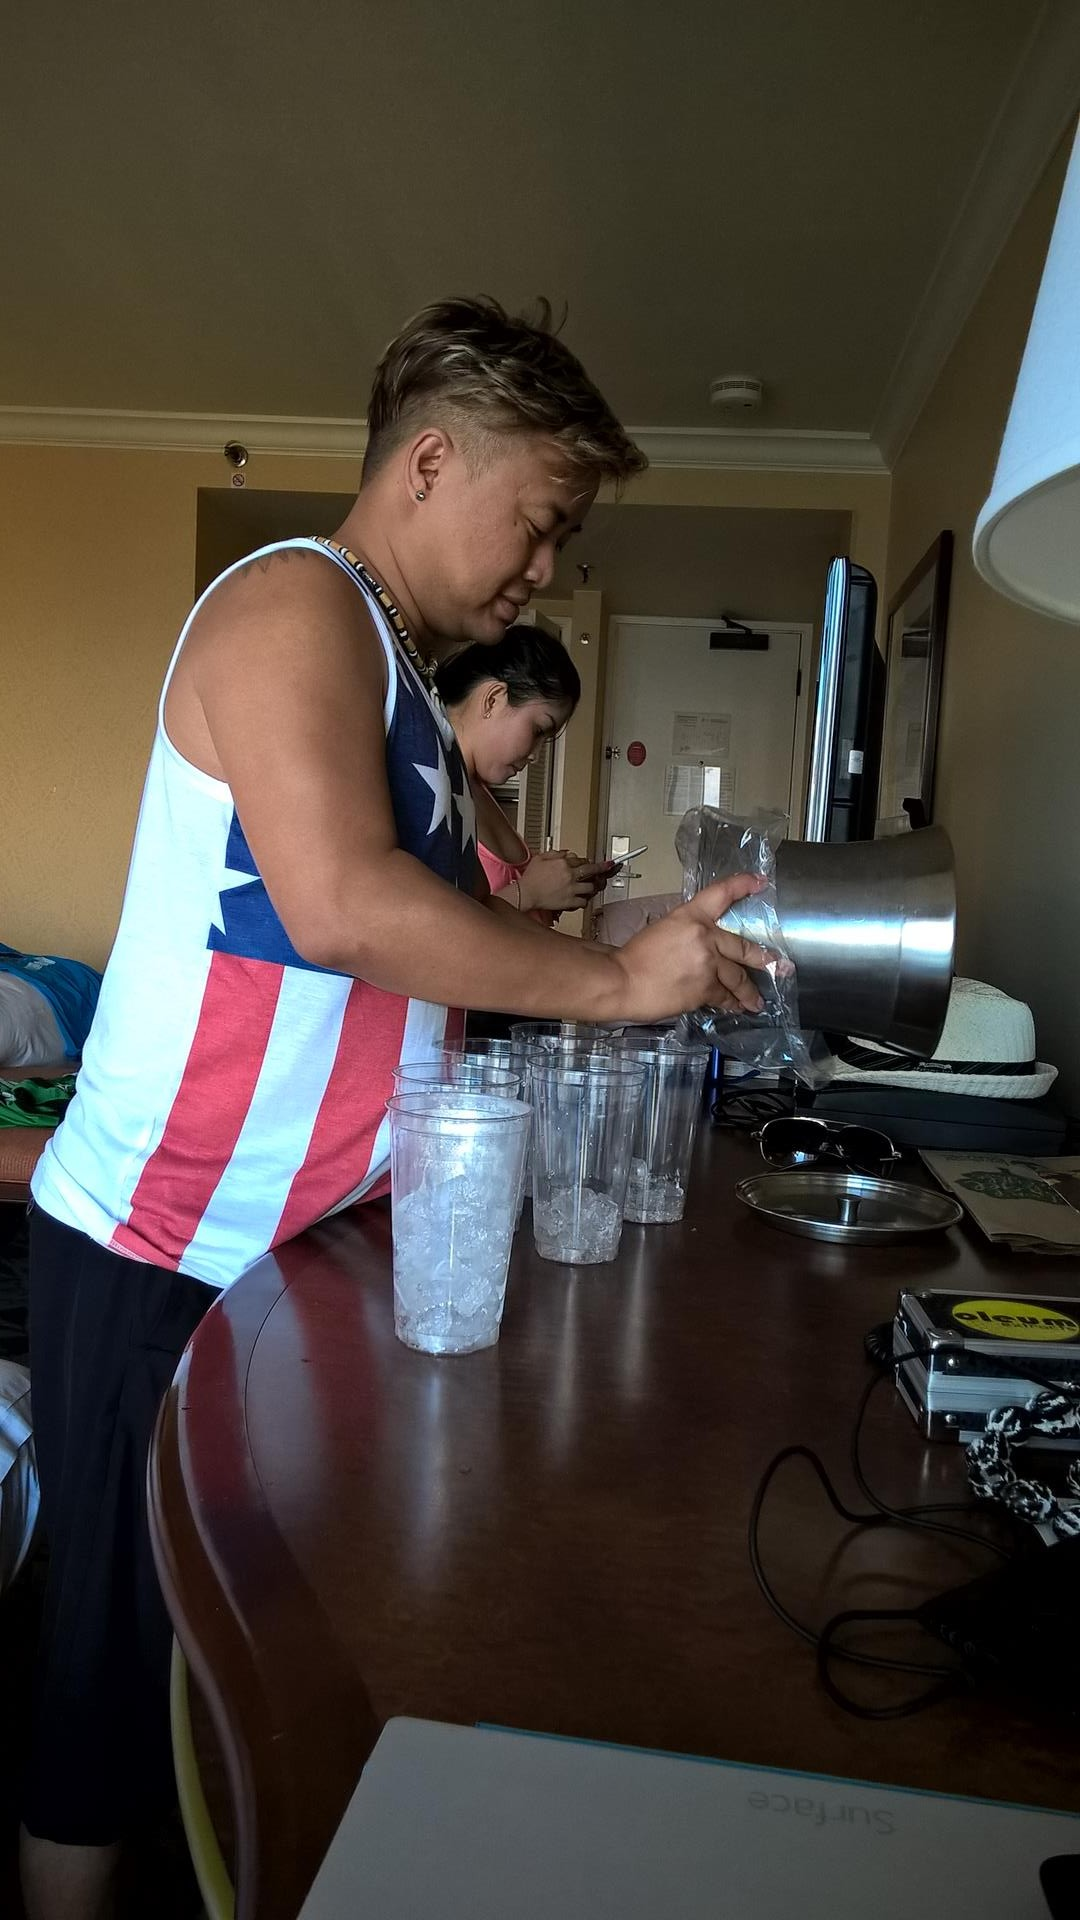 Chay mixt etwas im Hotelzimmer